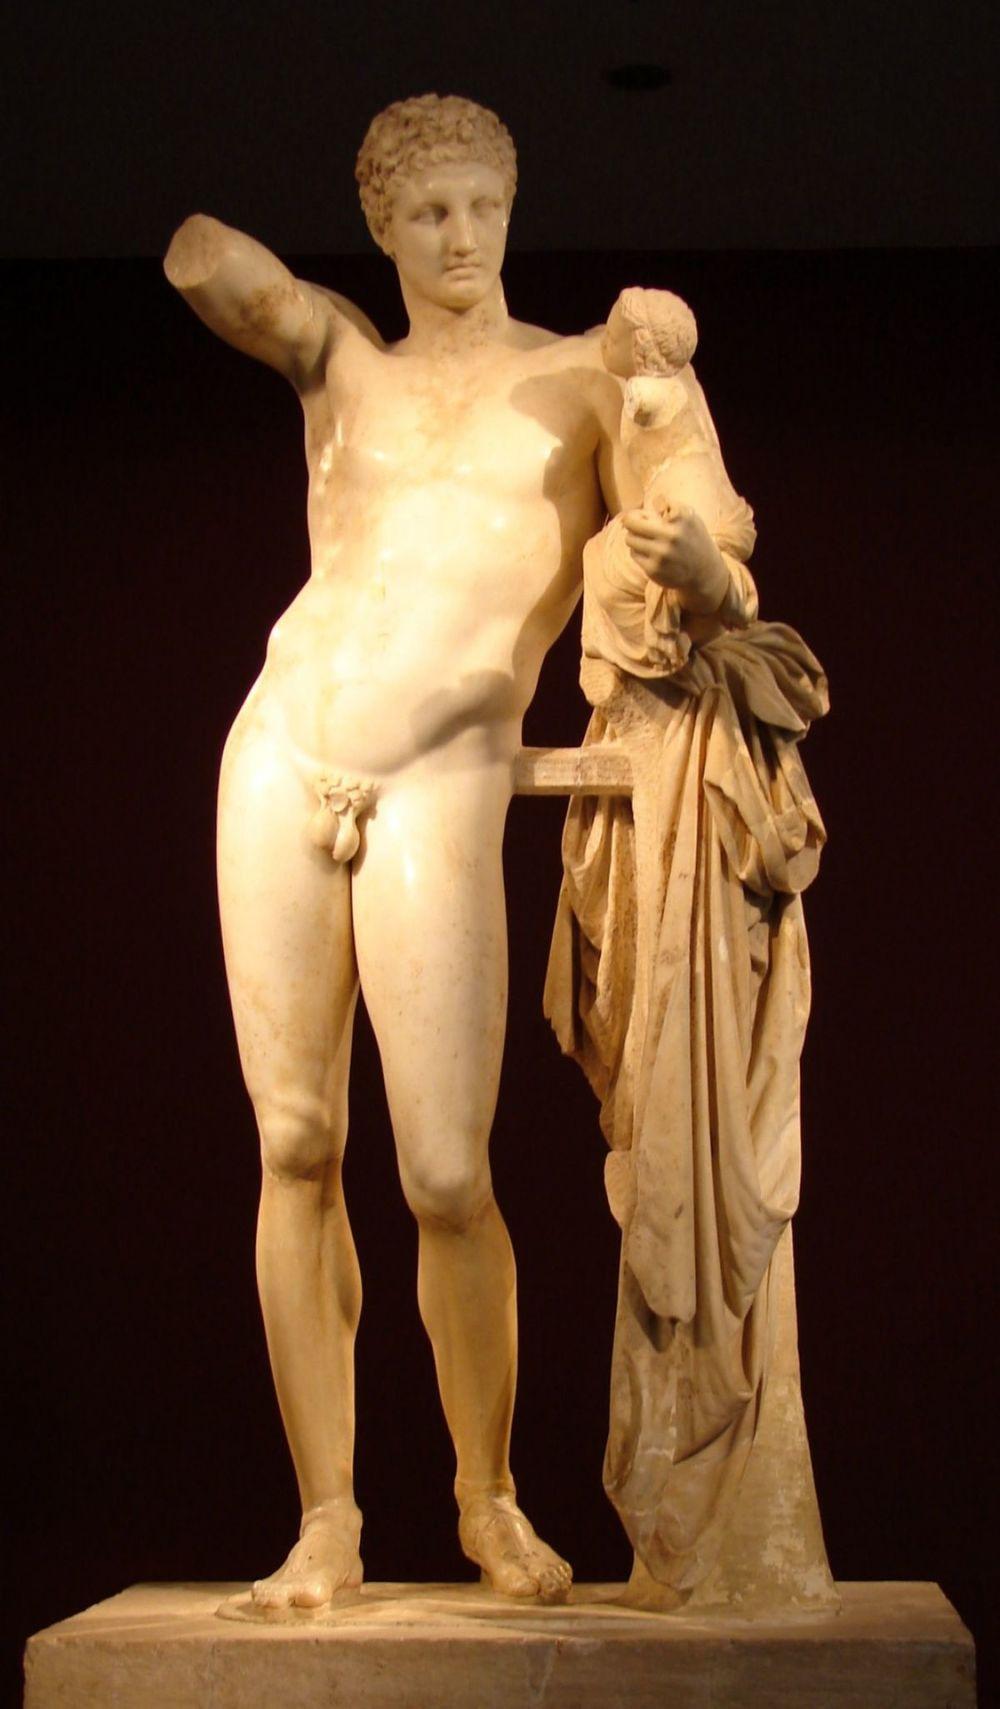 Hermes con el niño Dioniso es una escultura griega de mármol con una altura de 213 centímetros que se encuentra en el Museo Arqueológico de Olimpia.